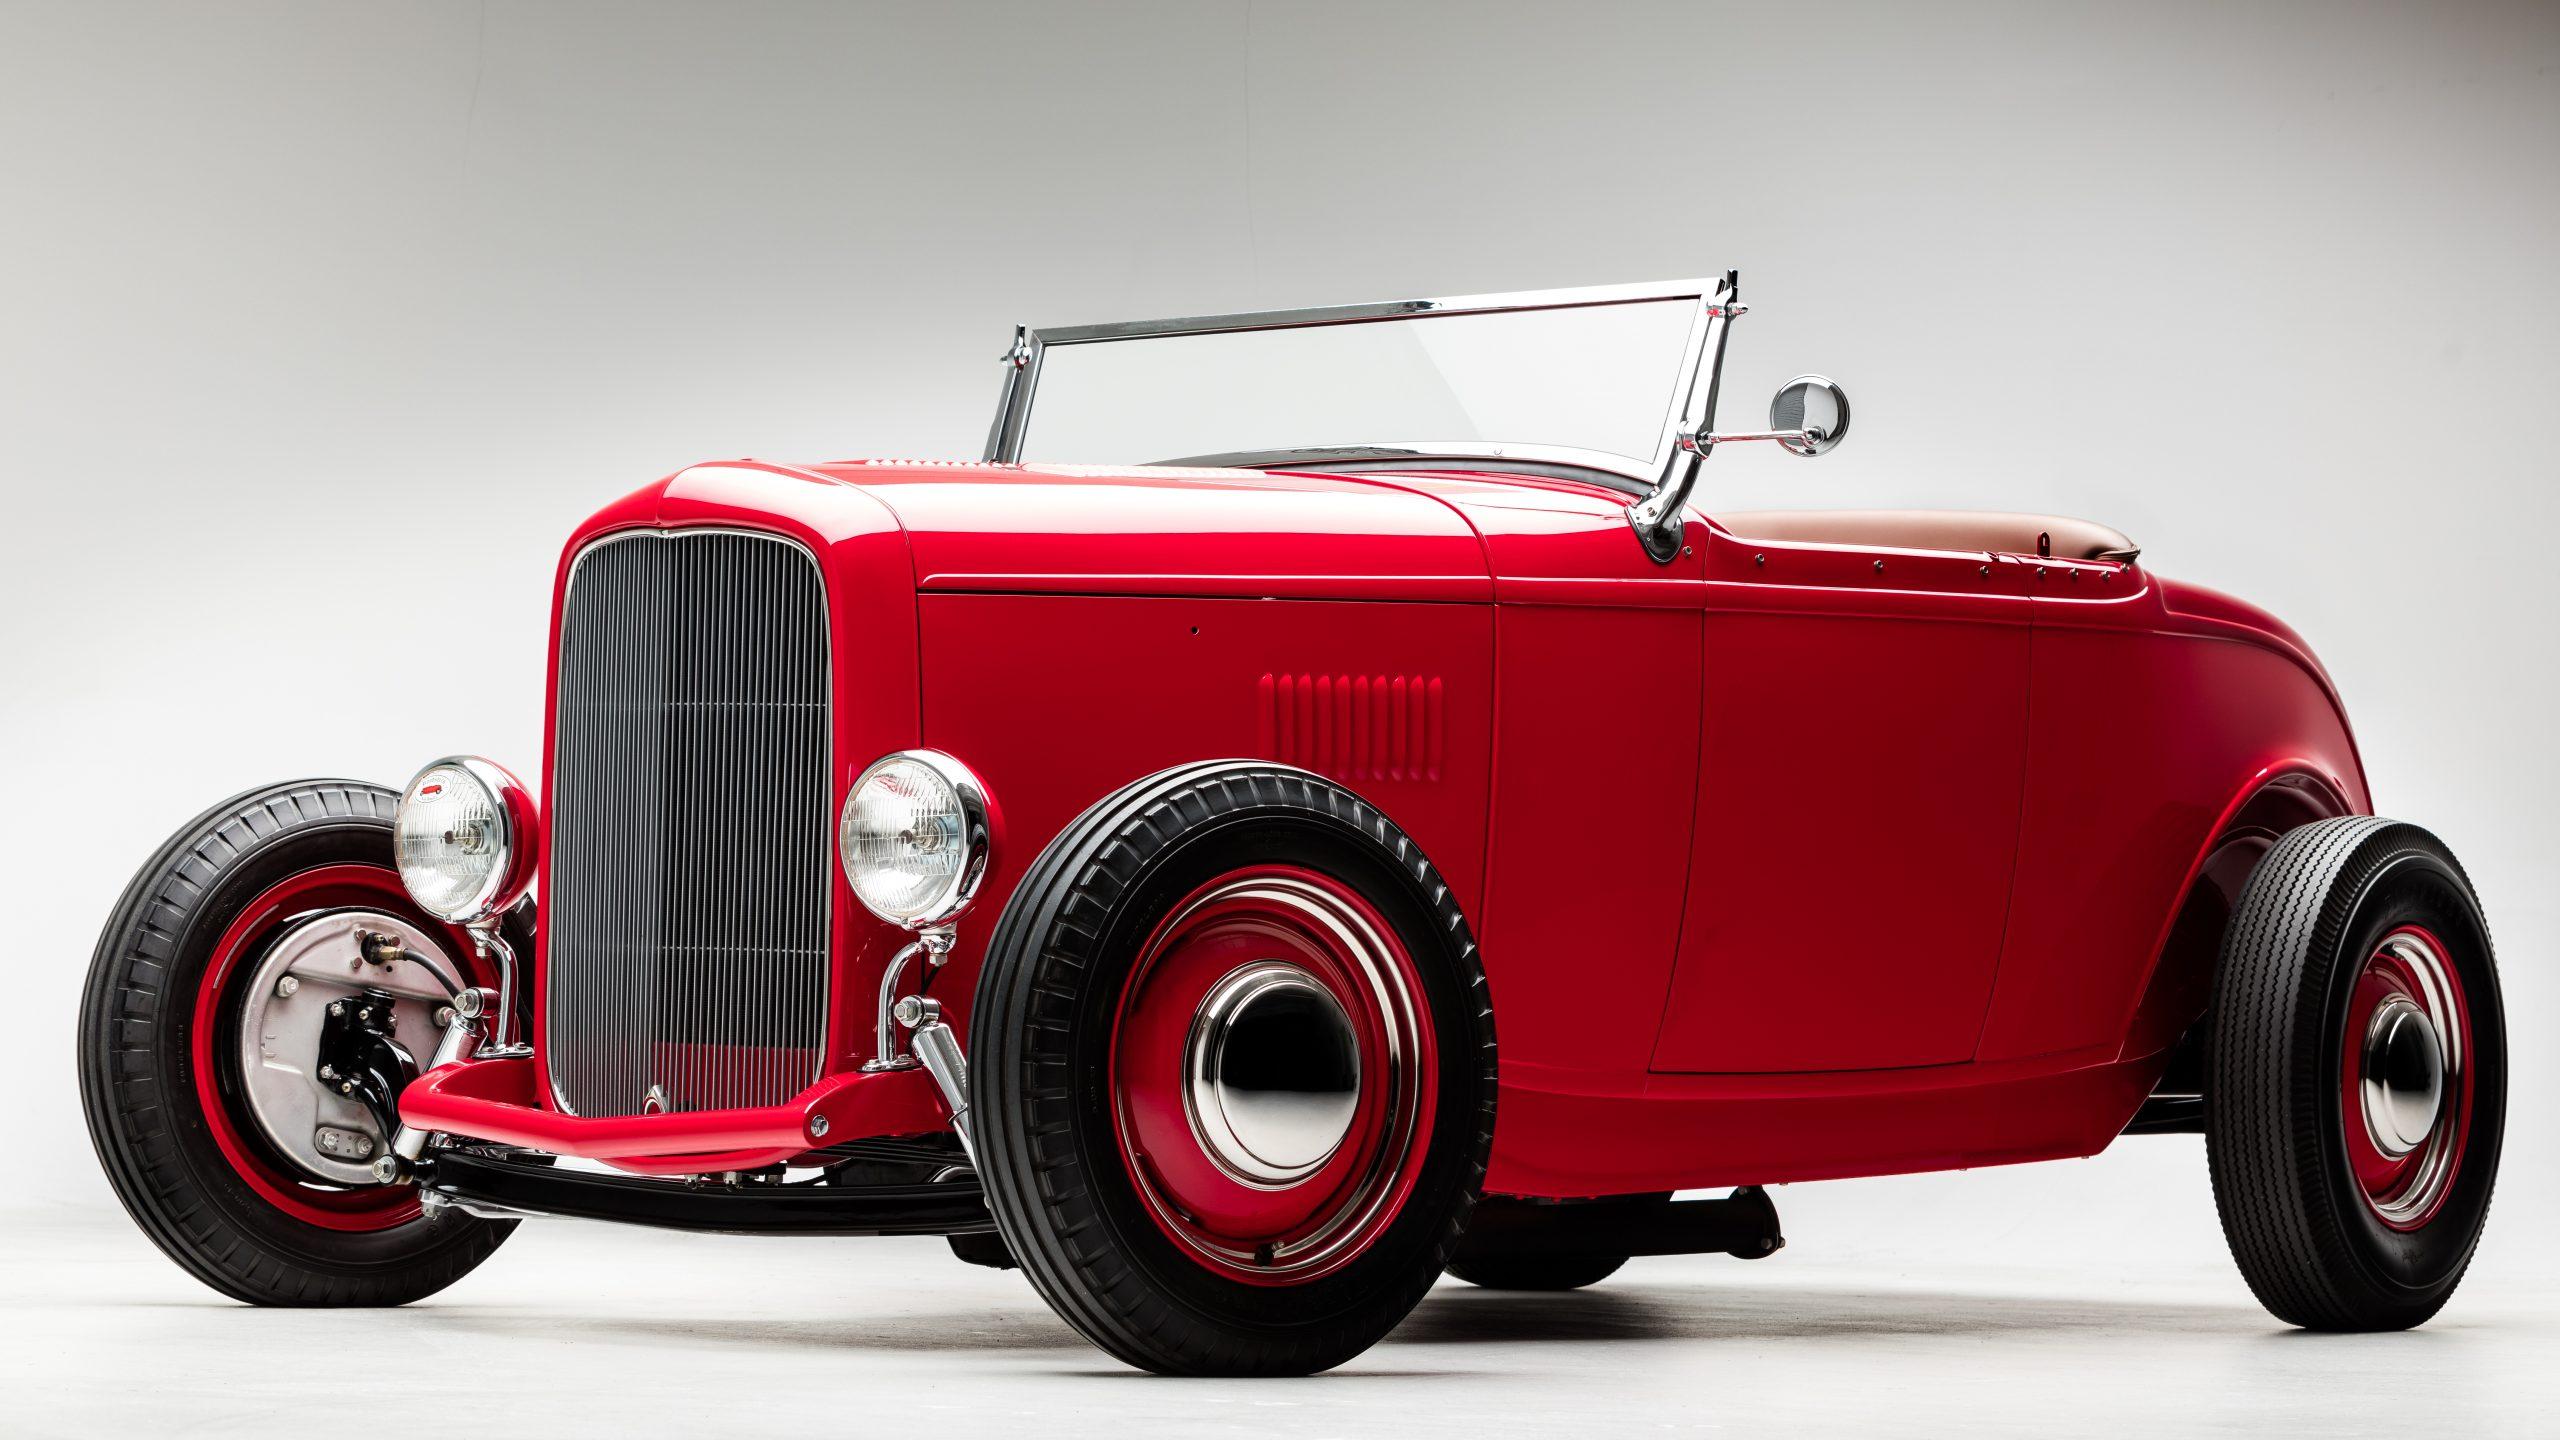 McGee Roadster - 1932 Ford - HVA - Studio 1 full body shot